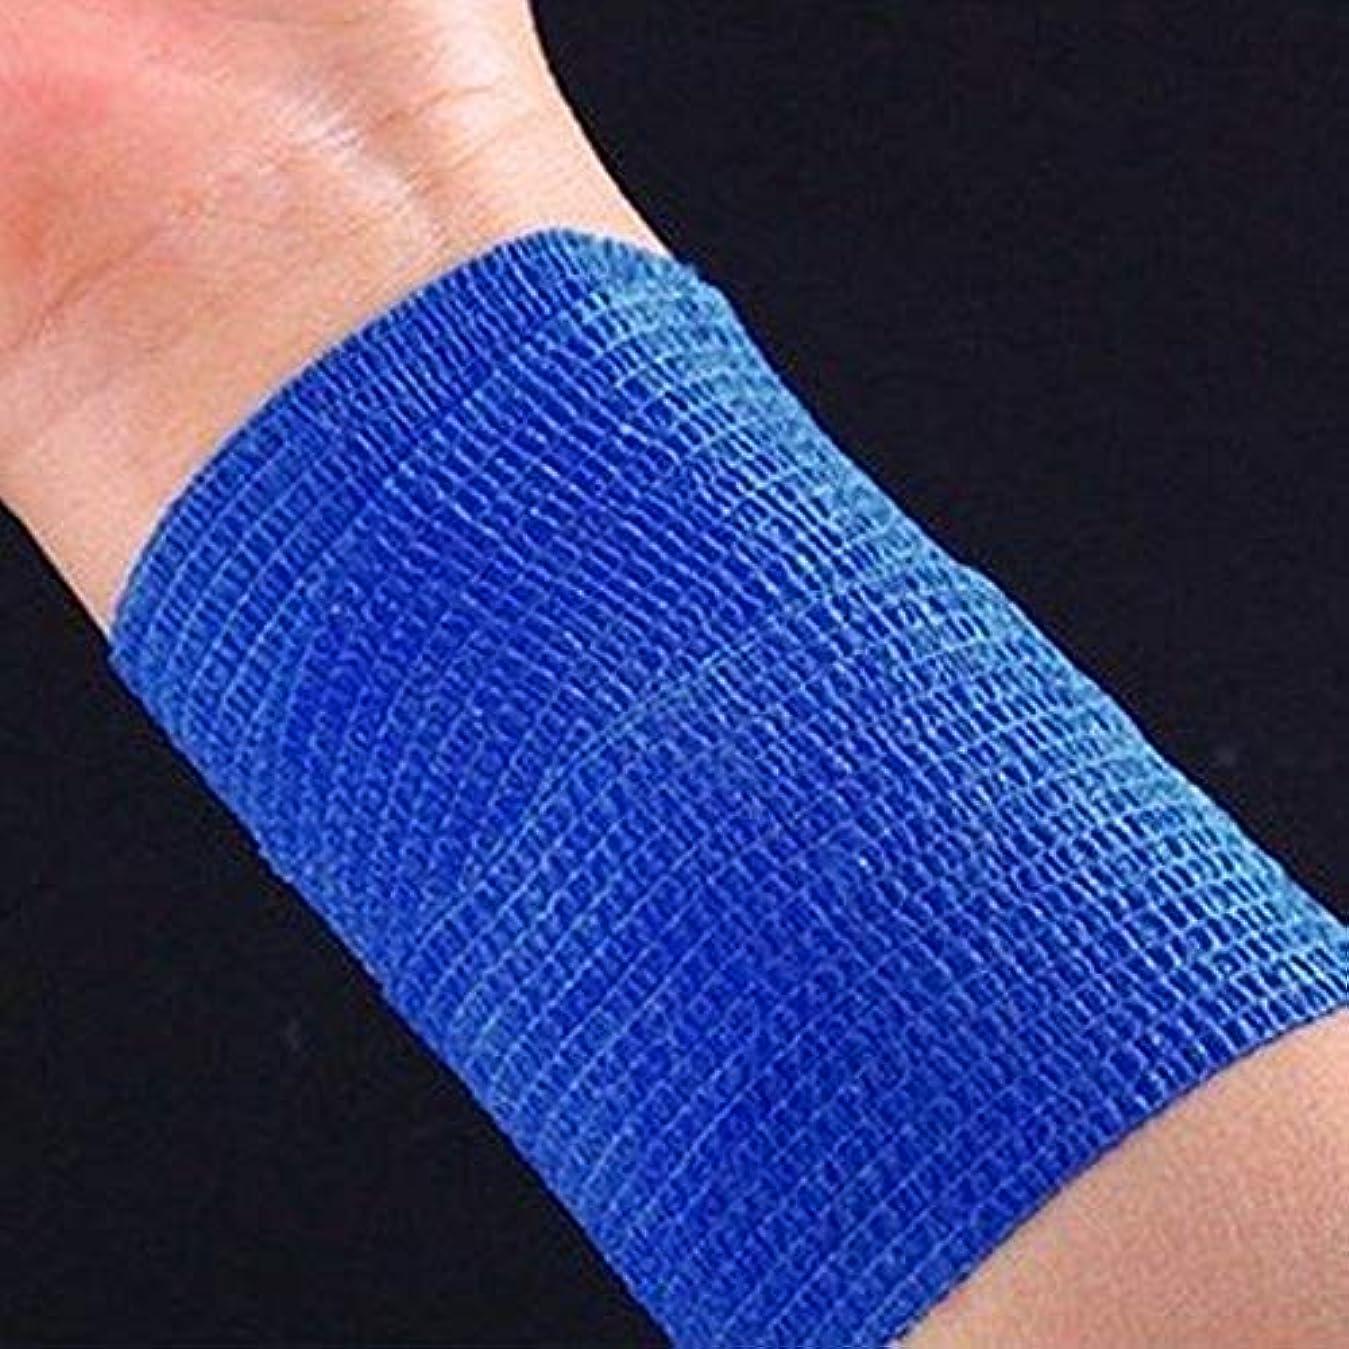 ジューステザースペシャリストPichidr-JP 自己接着包帯足首の捻挫、腫れや手首のための2インチの便利な弾性包帯